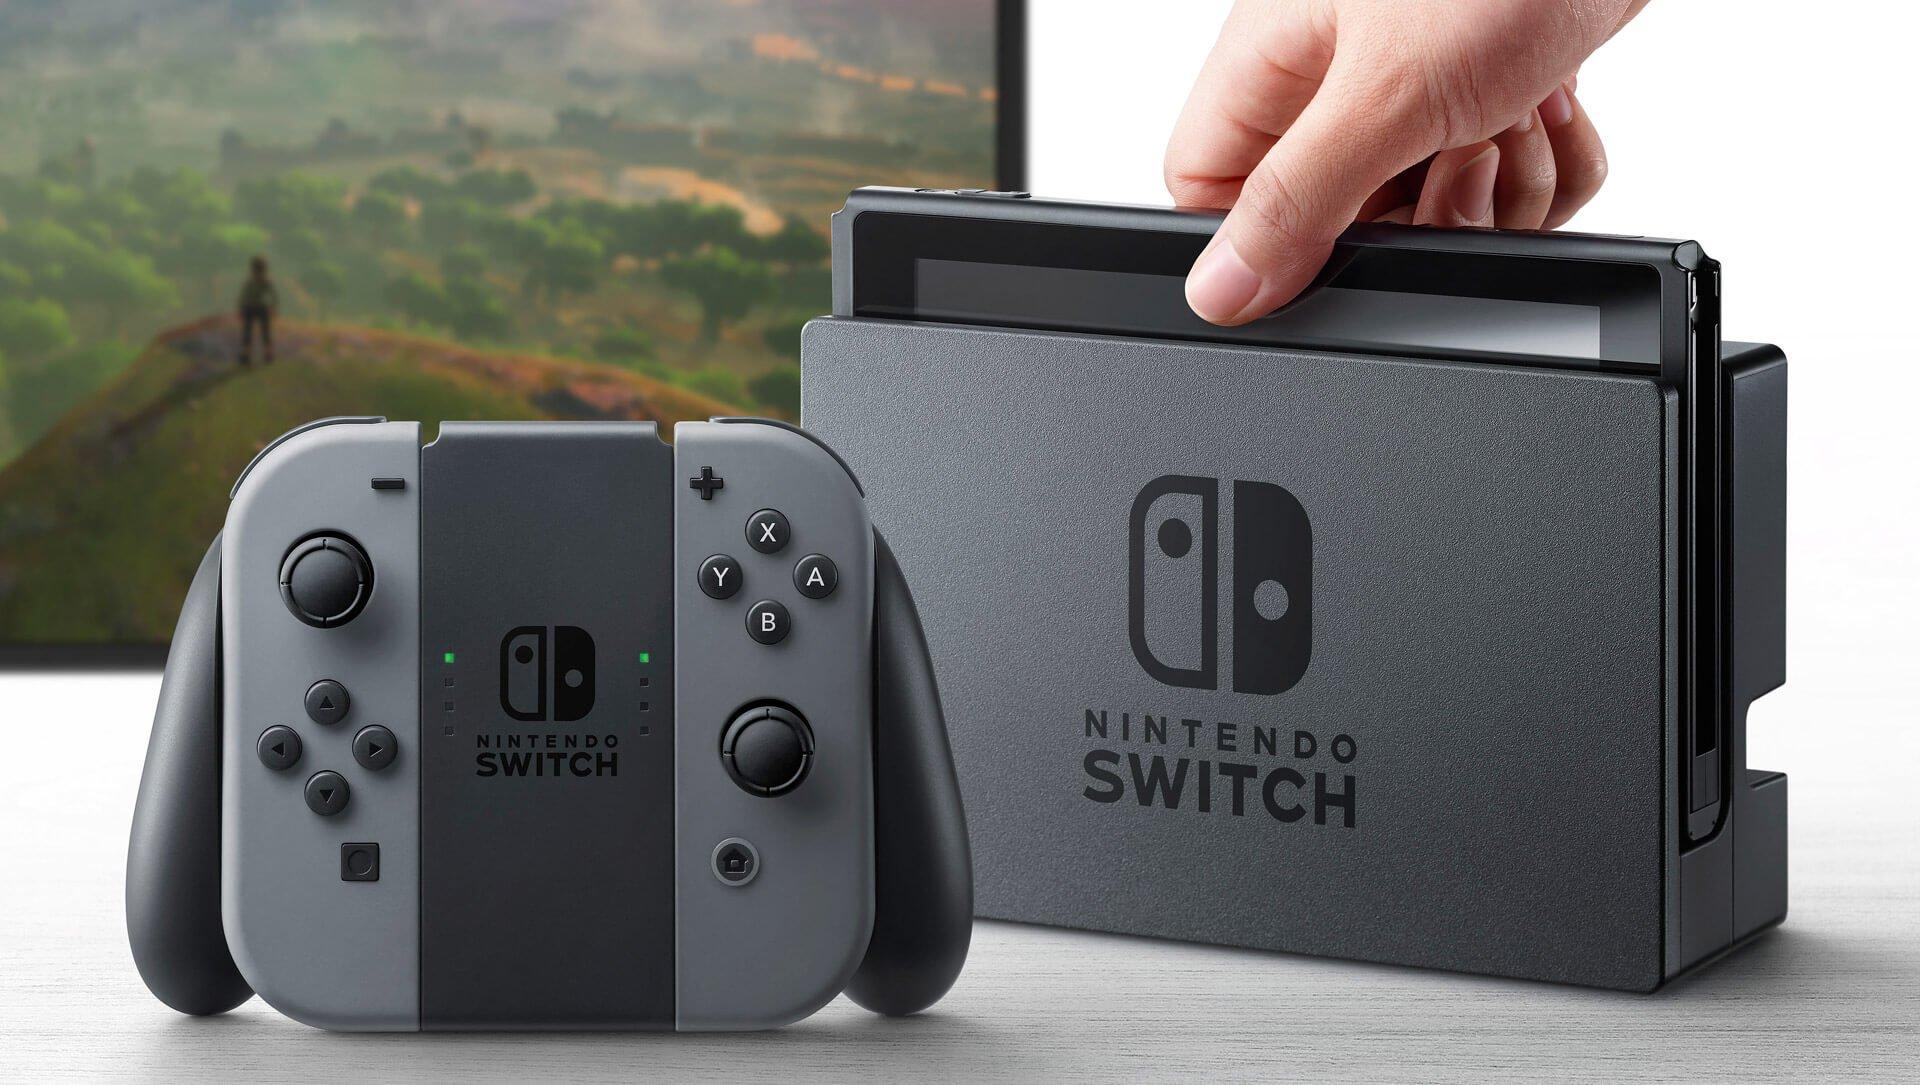 Nintendo Switch'in Çıkış Tarihi ve Fiyatı Nintendo Switch'in Çıkış Tarihi ve Fiyatı NintendoSwitch hardware